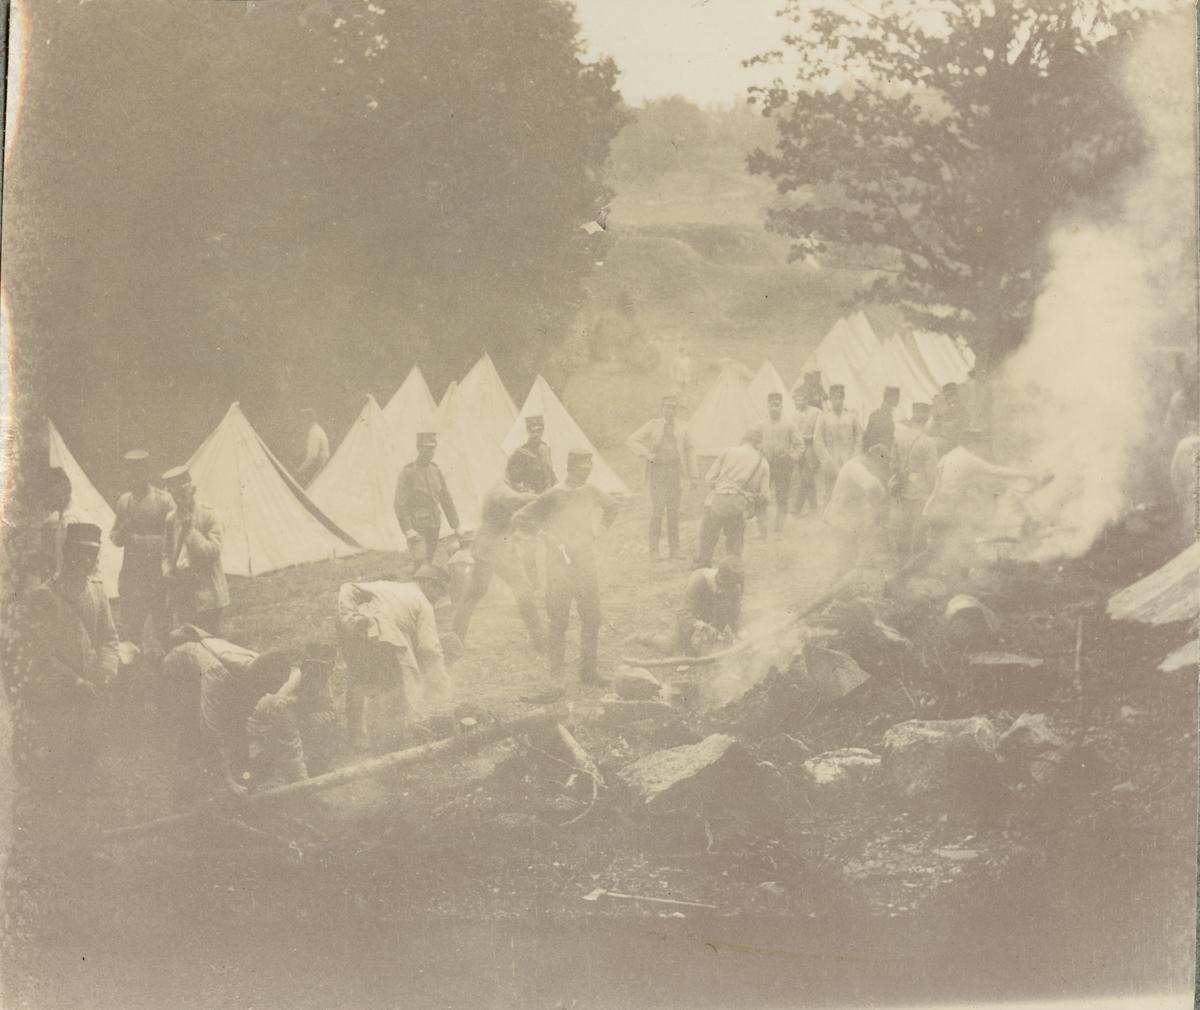 Matlagning i kokgrop utanför tältläger, Fortifikationen.